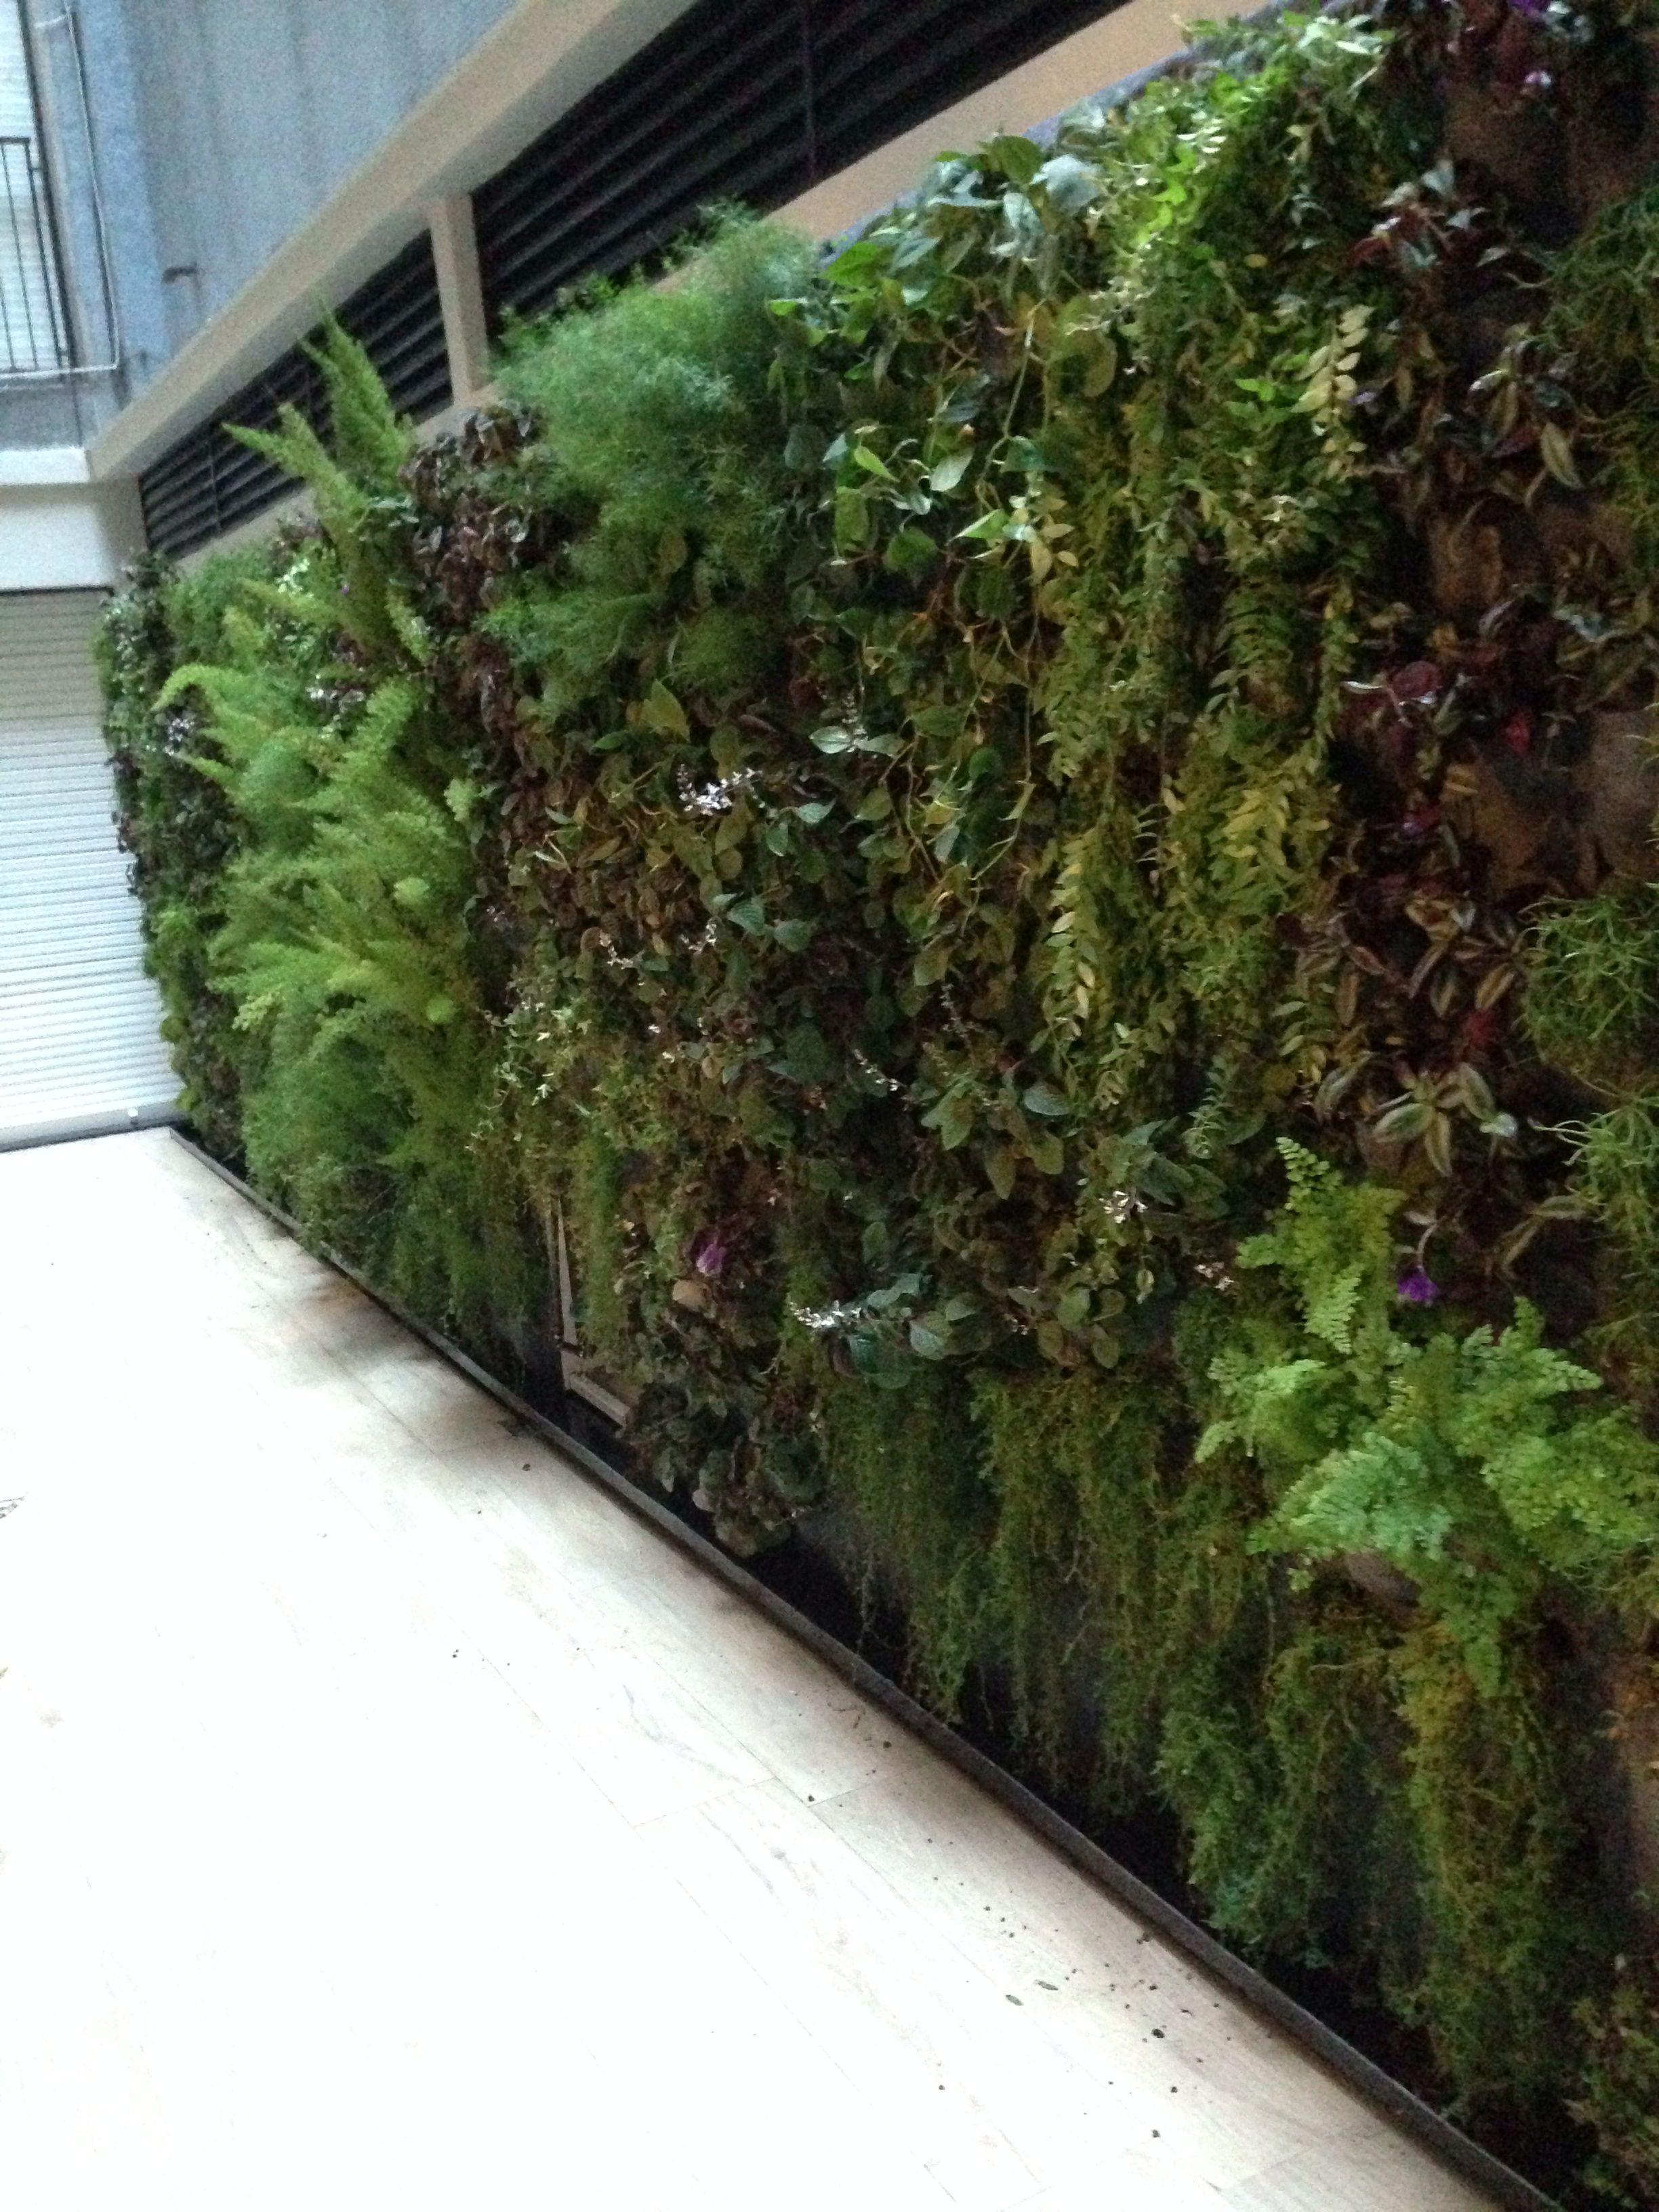 Jardin vertical en patio interno de 15m2 realizado por for Jardines verticales buenos aires